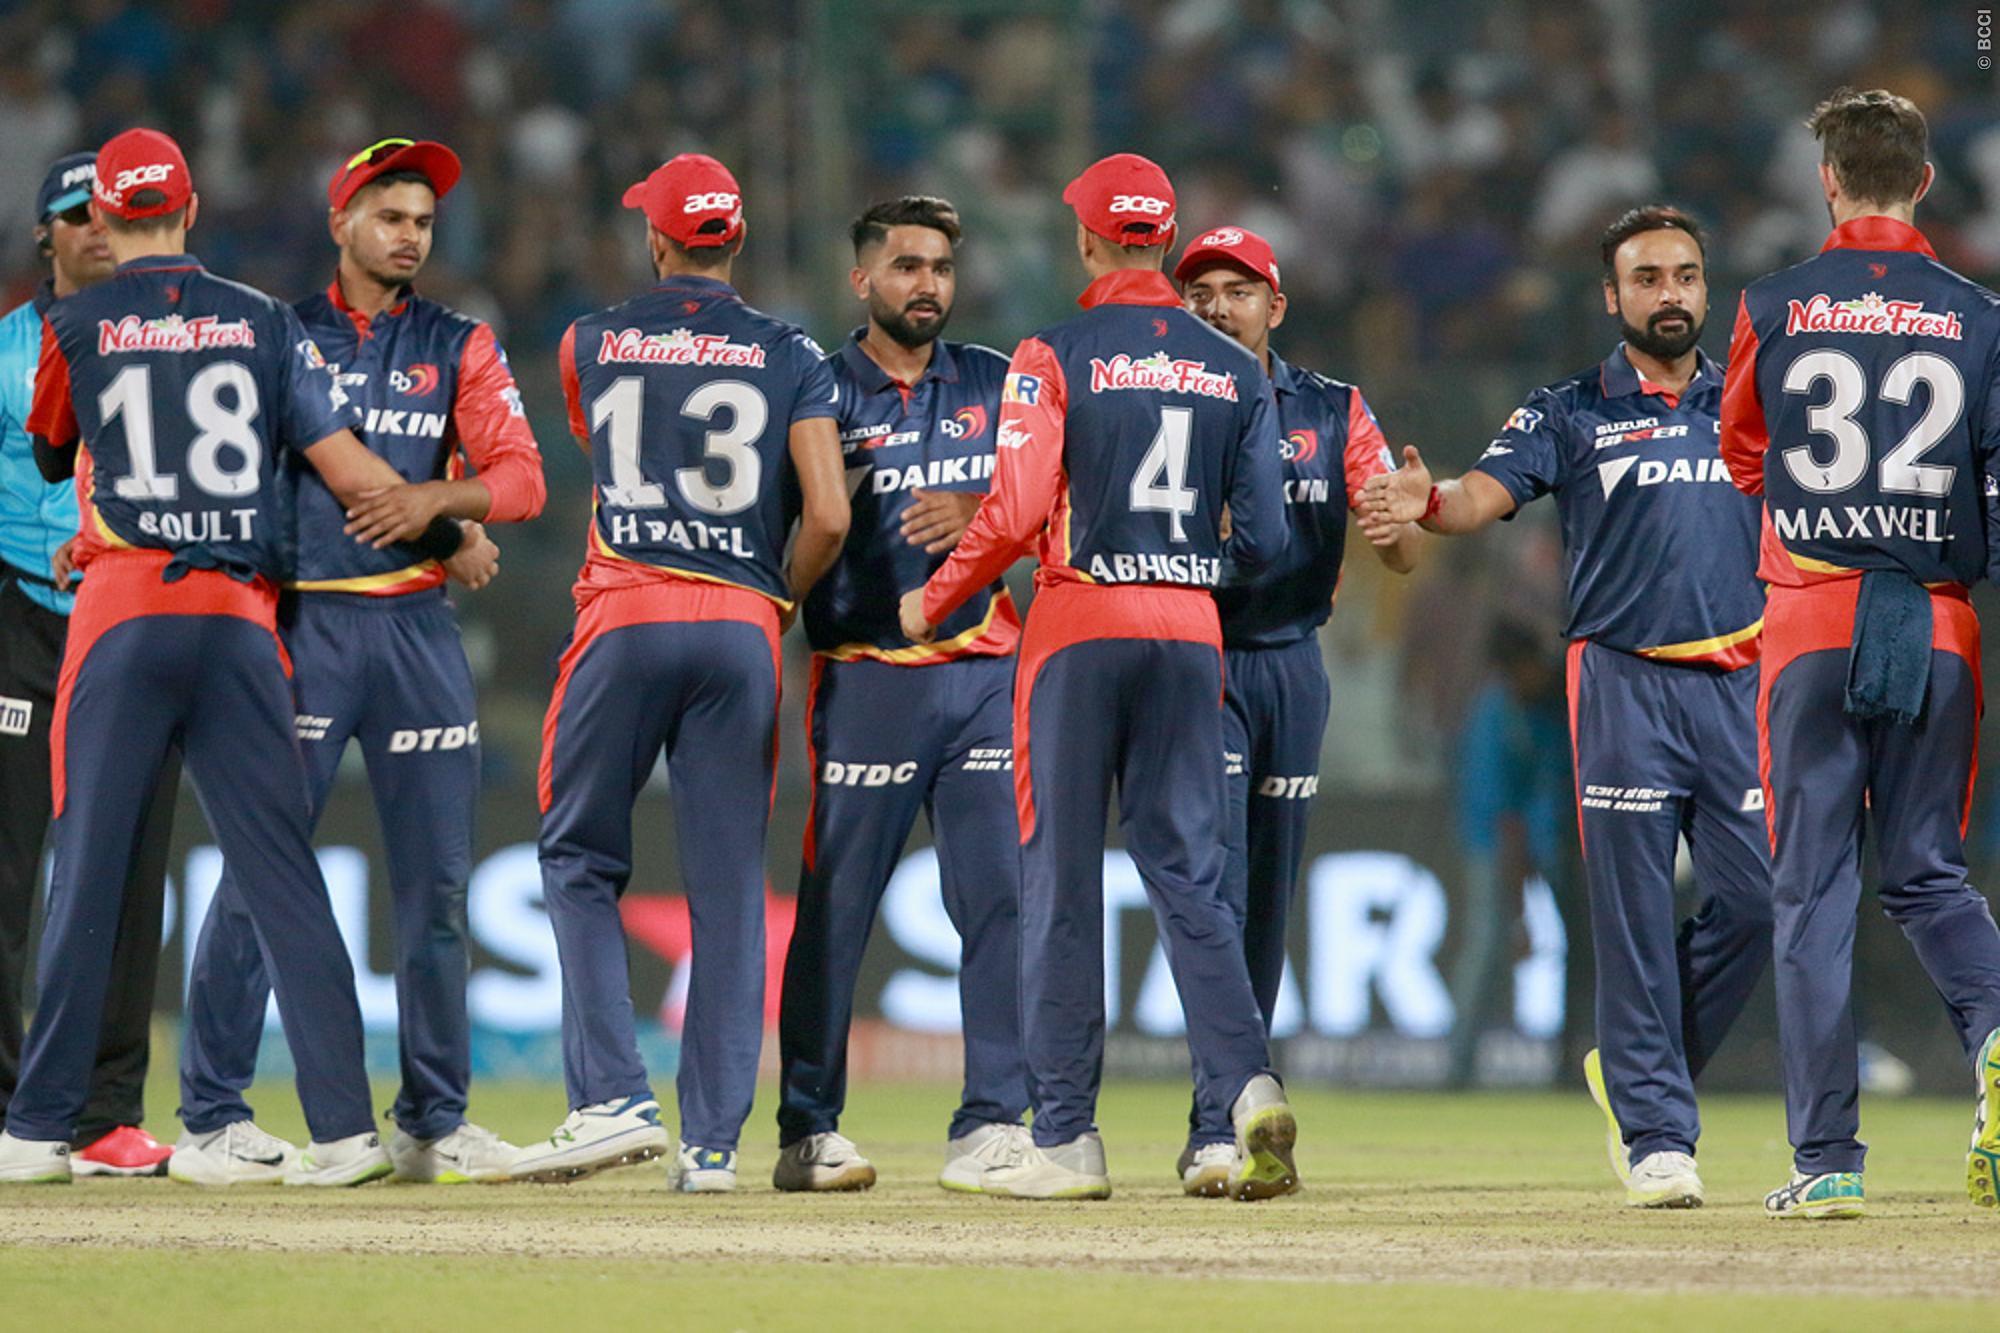 IPL 2019- दिल्ली डेयरडेविल्स इन पांच खिलाड़ियों को कर सकती है अगले सीजन में बाहर